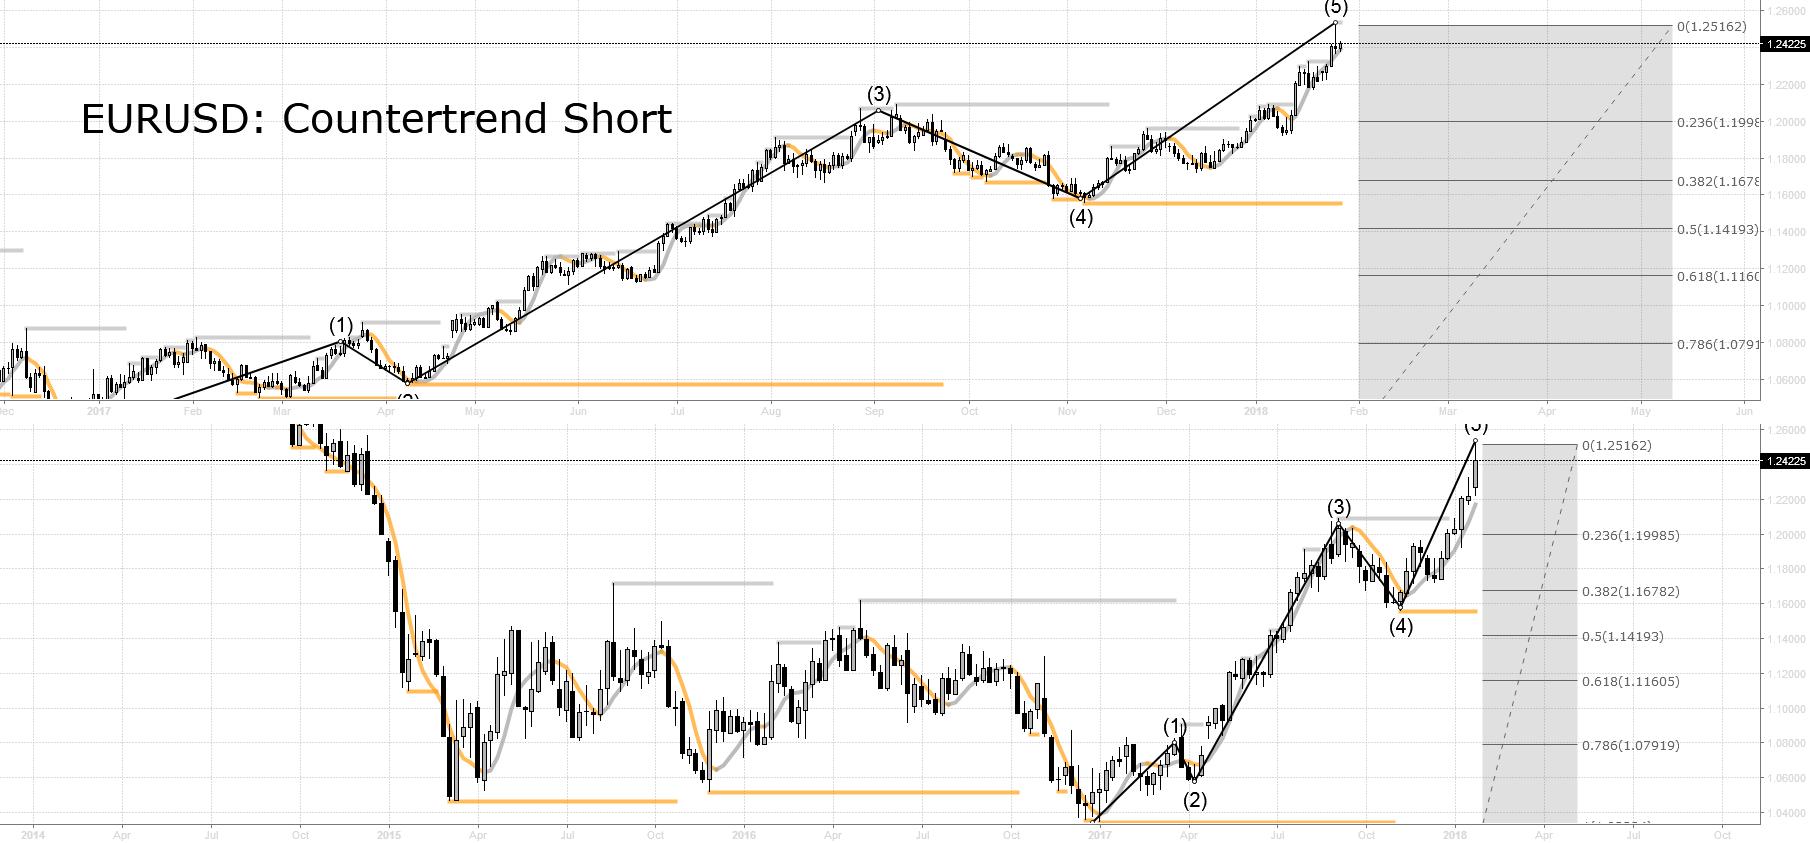 DAX (long) vs. EURUSD (short)